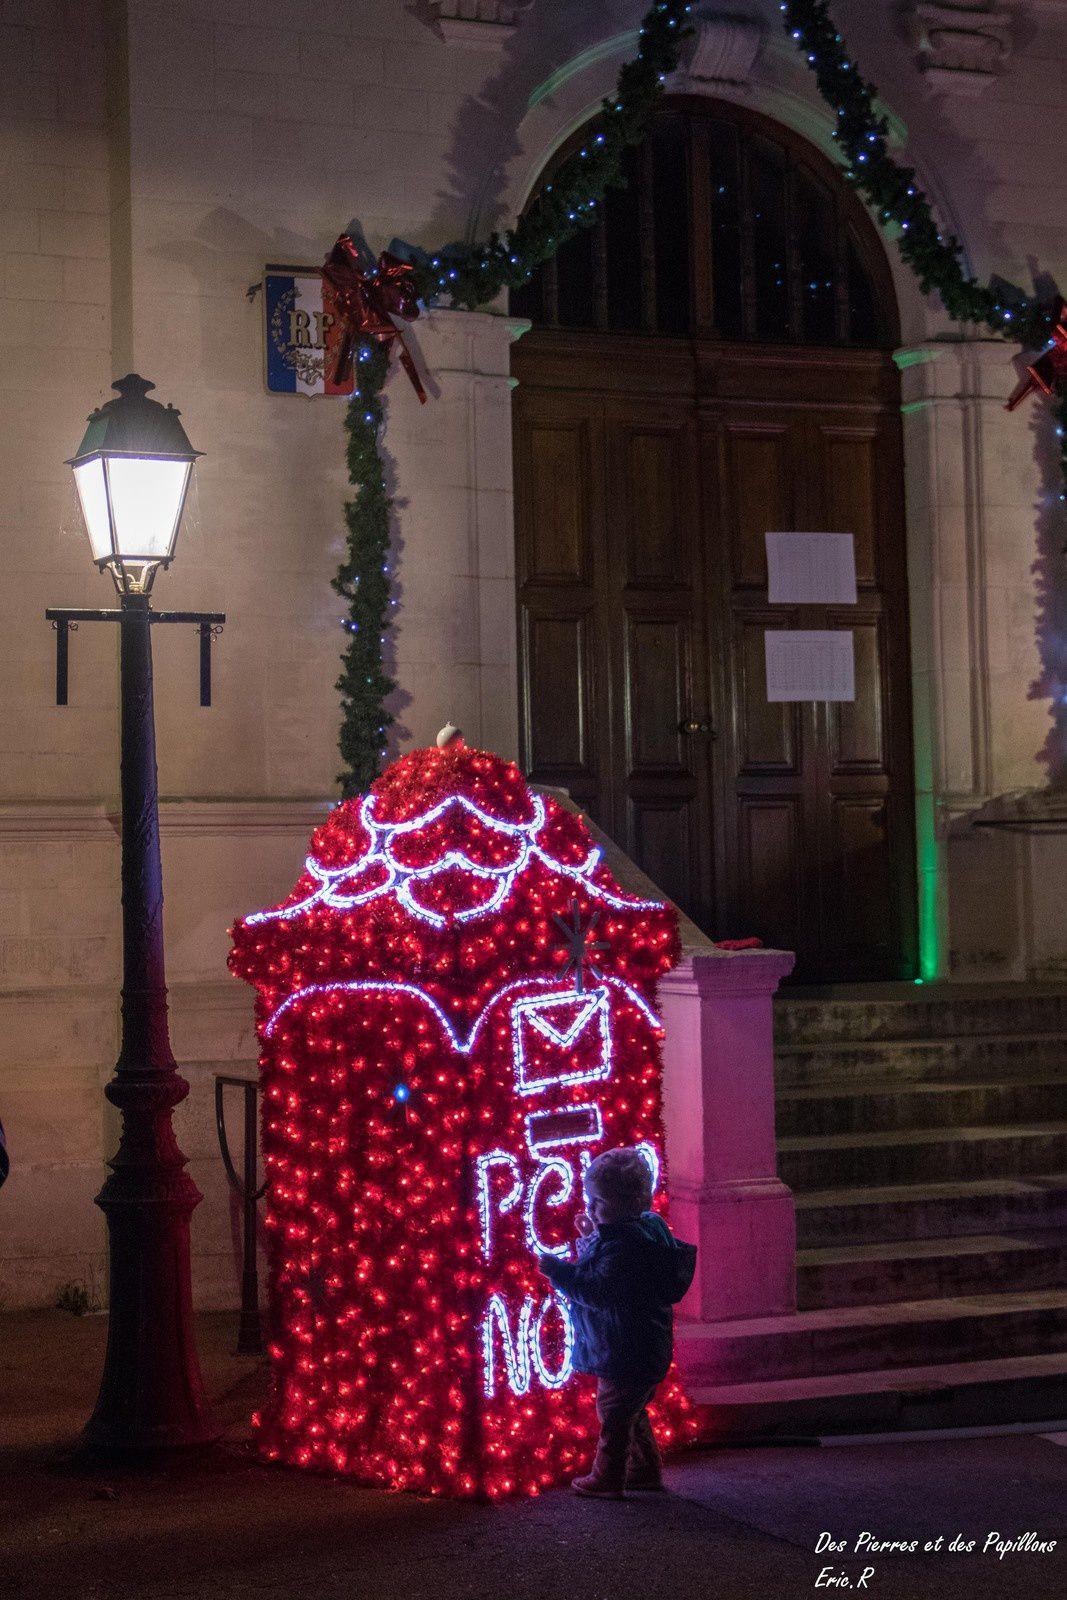 La boite aux lettres pour le père Noël, le marché.